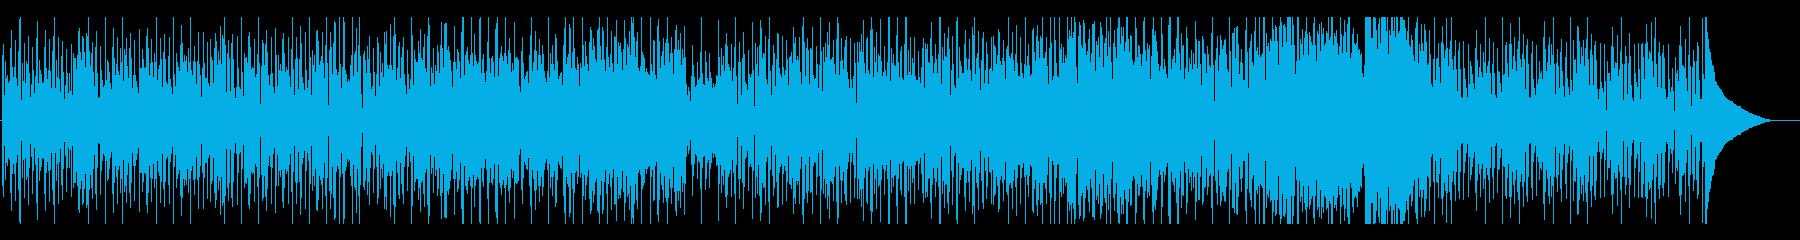 ビートの効いたブラスとピアノのスウィングの再生済みの波形